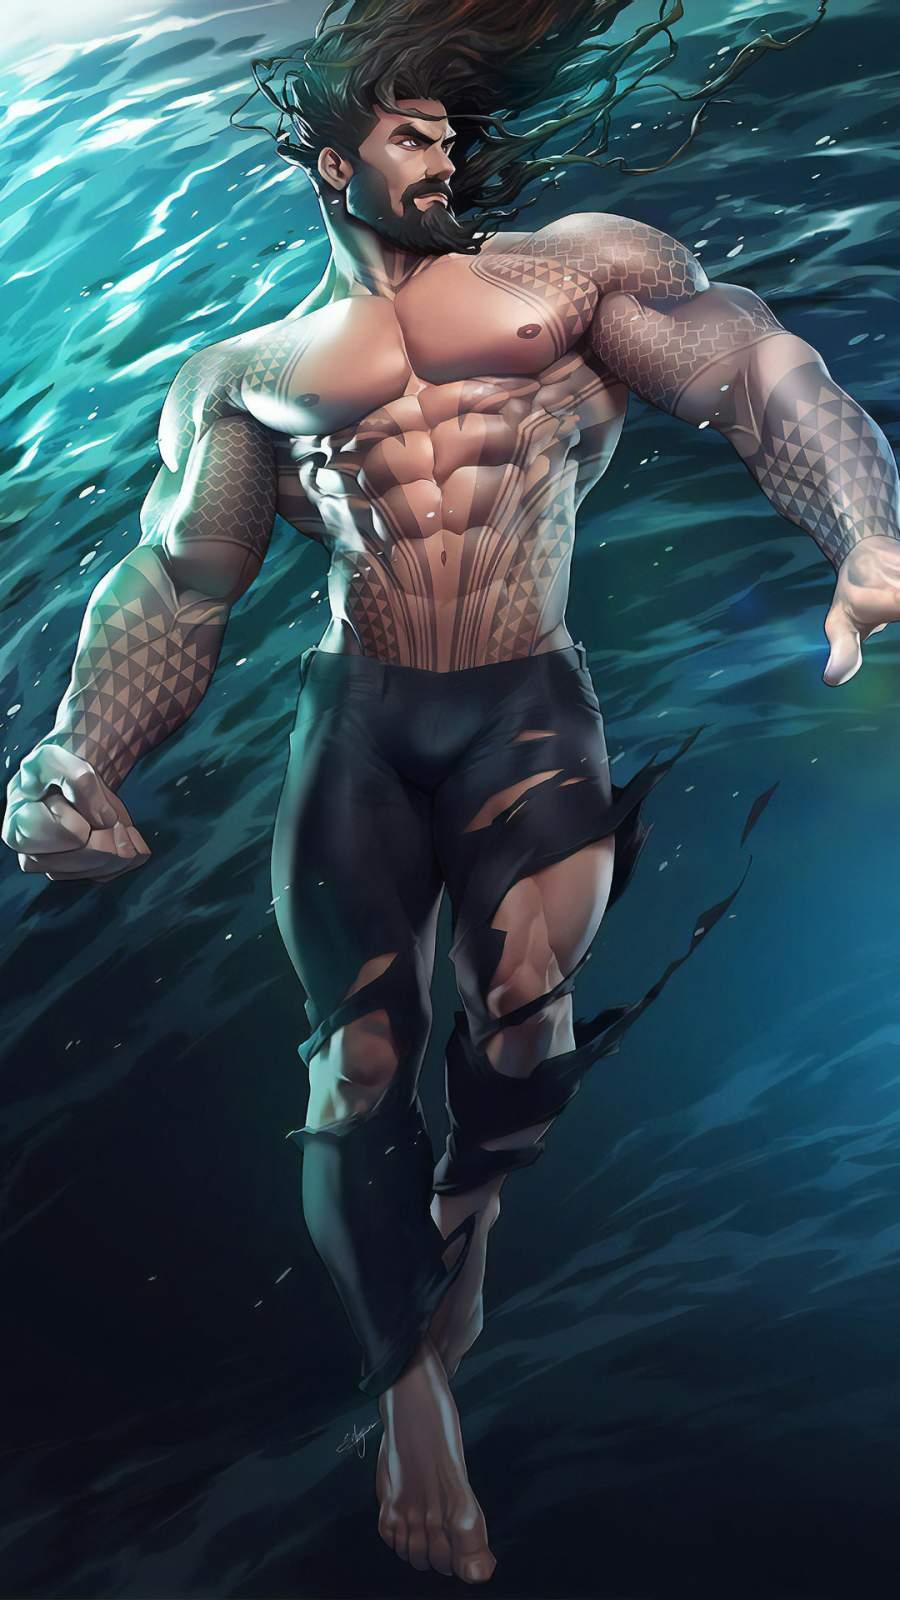 Aquaman Art iPhone Wallpaper